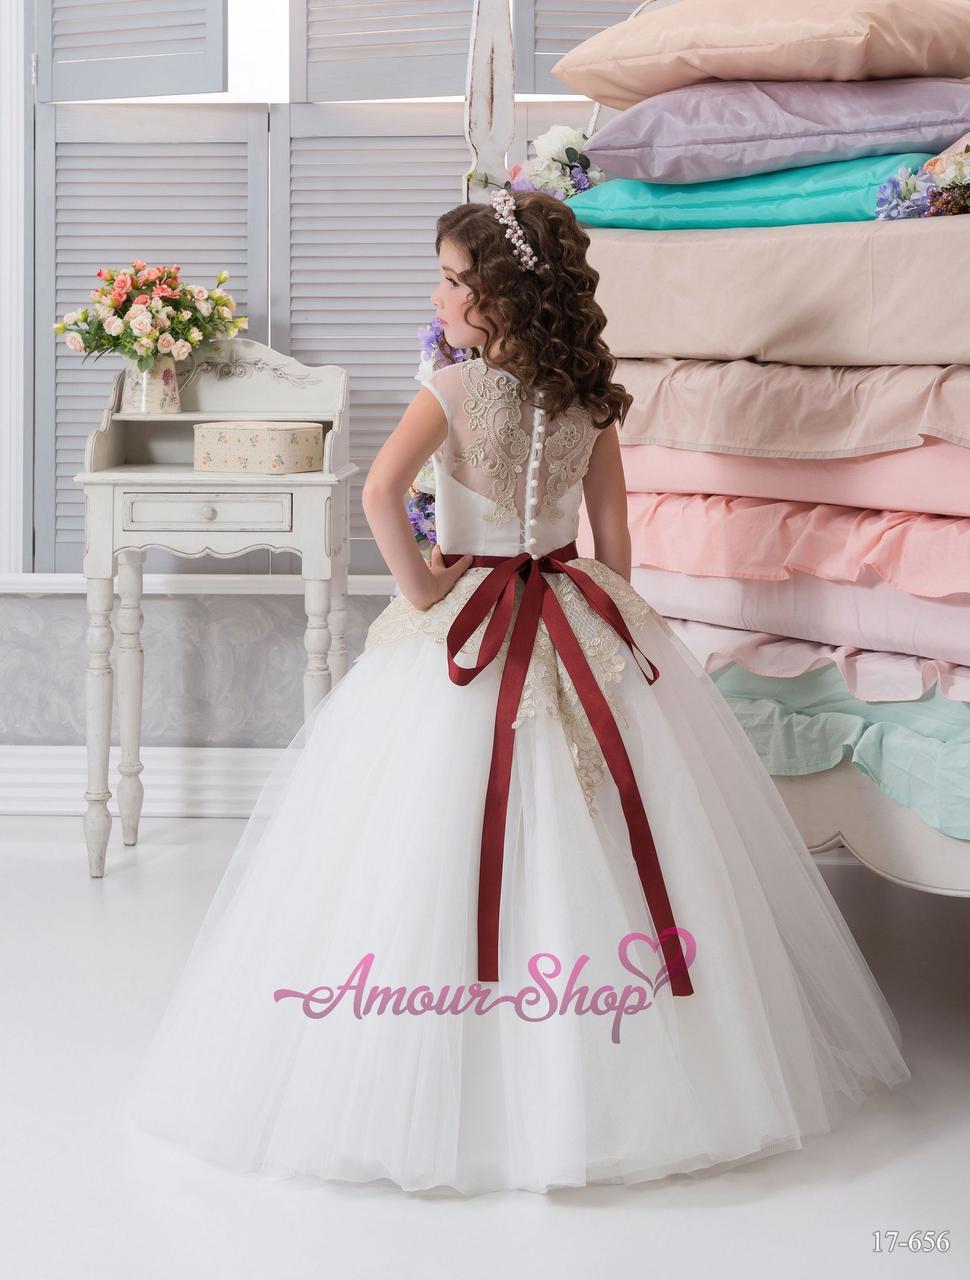 Детское платье  белое с золотой вышивкой, пышное, нарядное, с поясом марсала